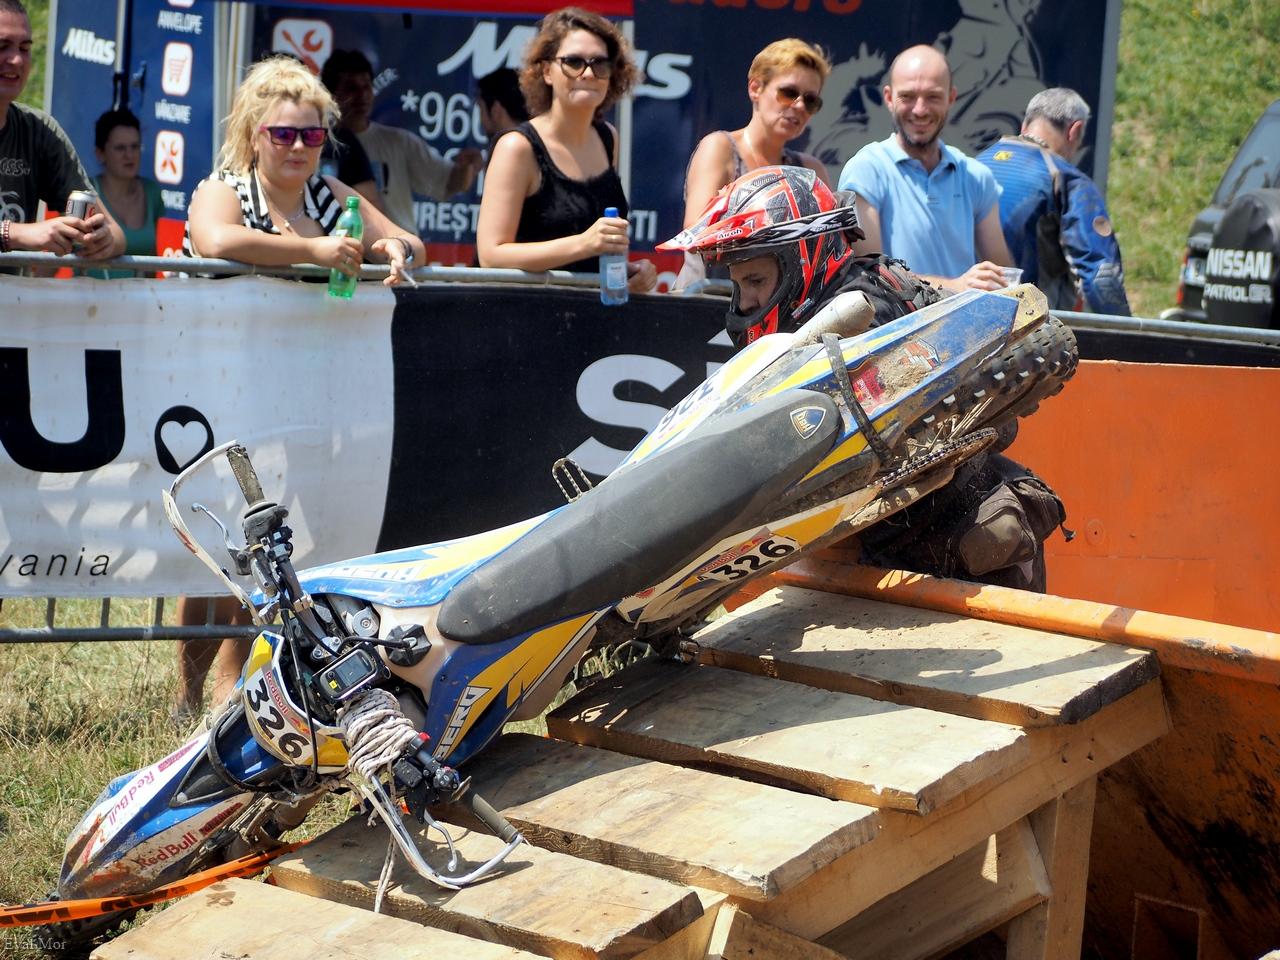 איציק קלנר - מצליח להוציא את האופנוע מהפח...